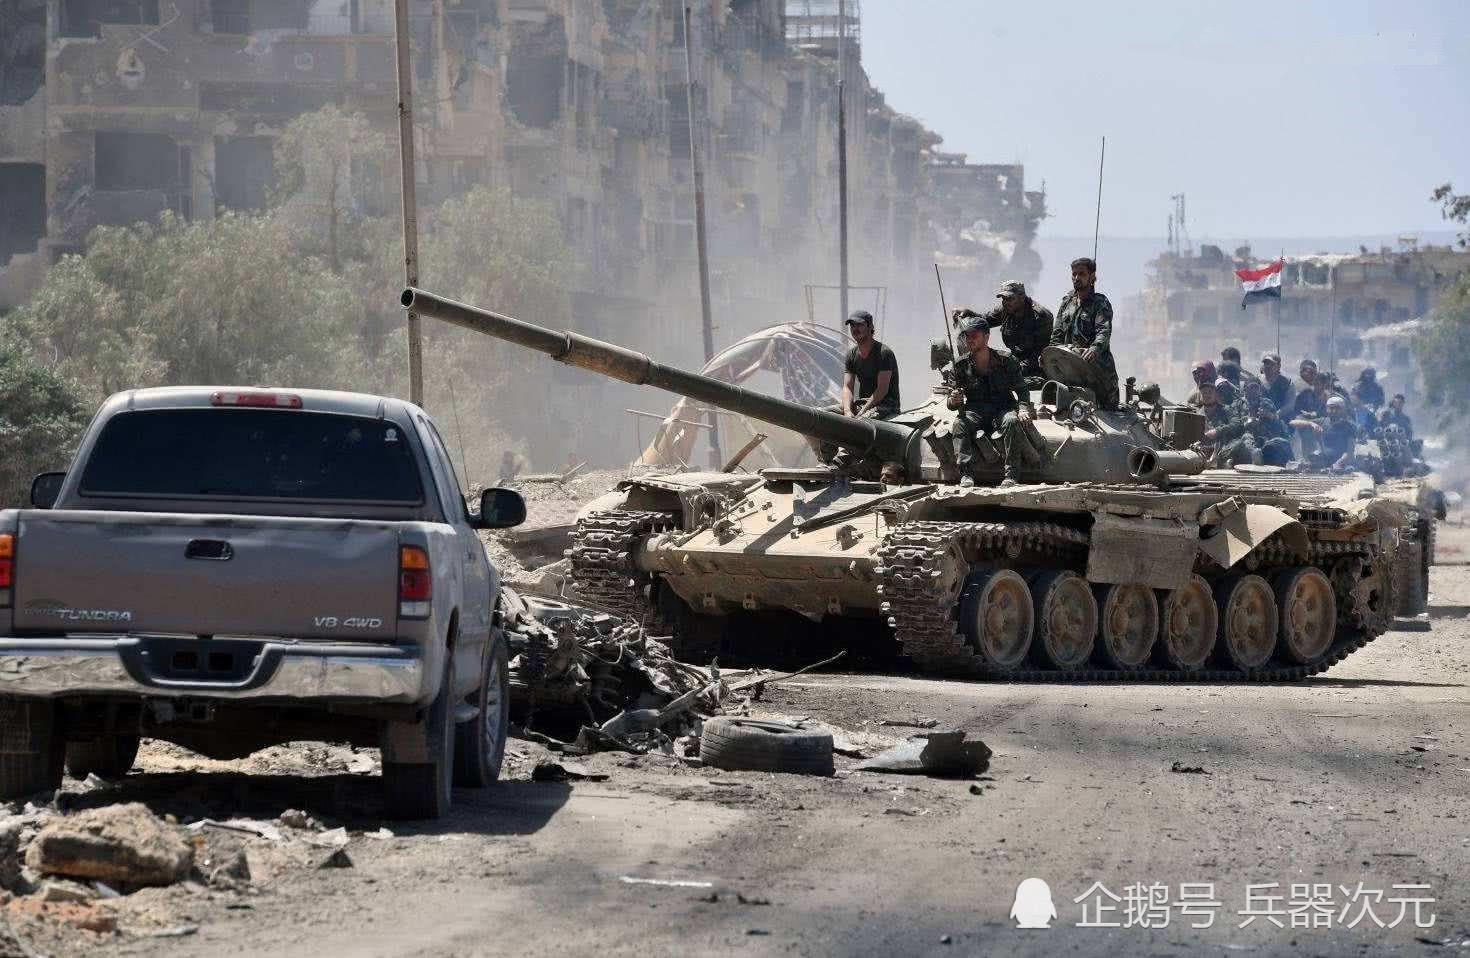 2万武装分子发动反攻,政府军阵地15次易主,叙利亚战场告急